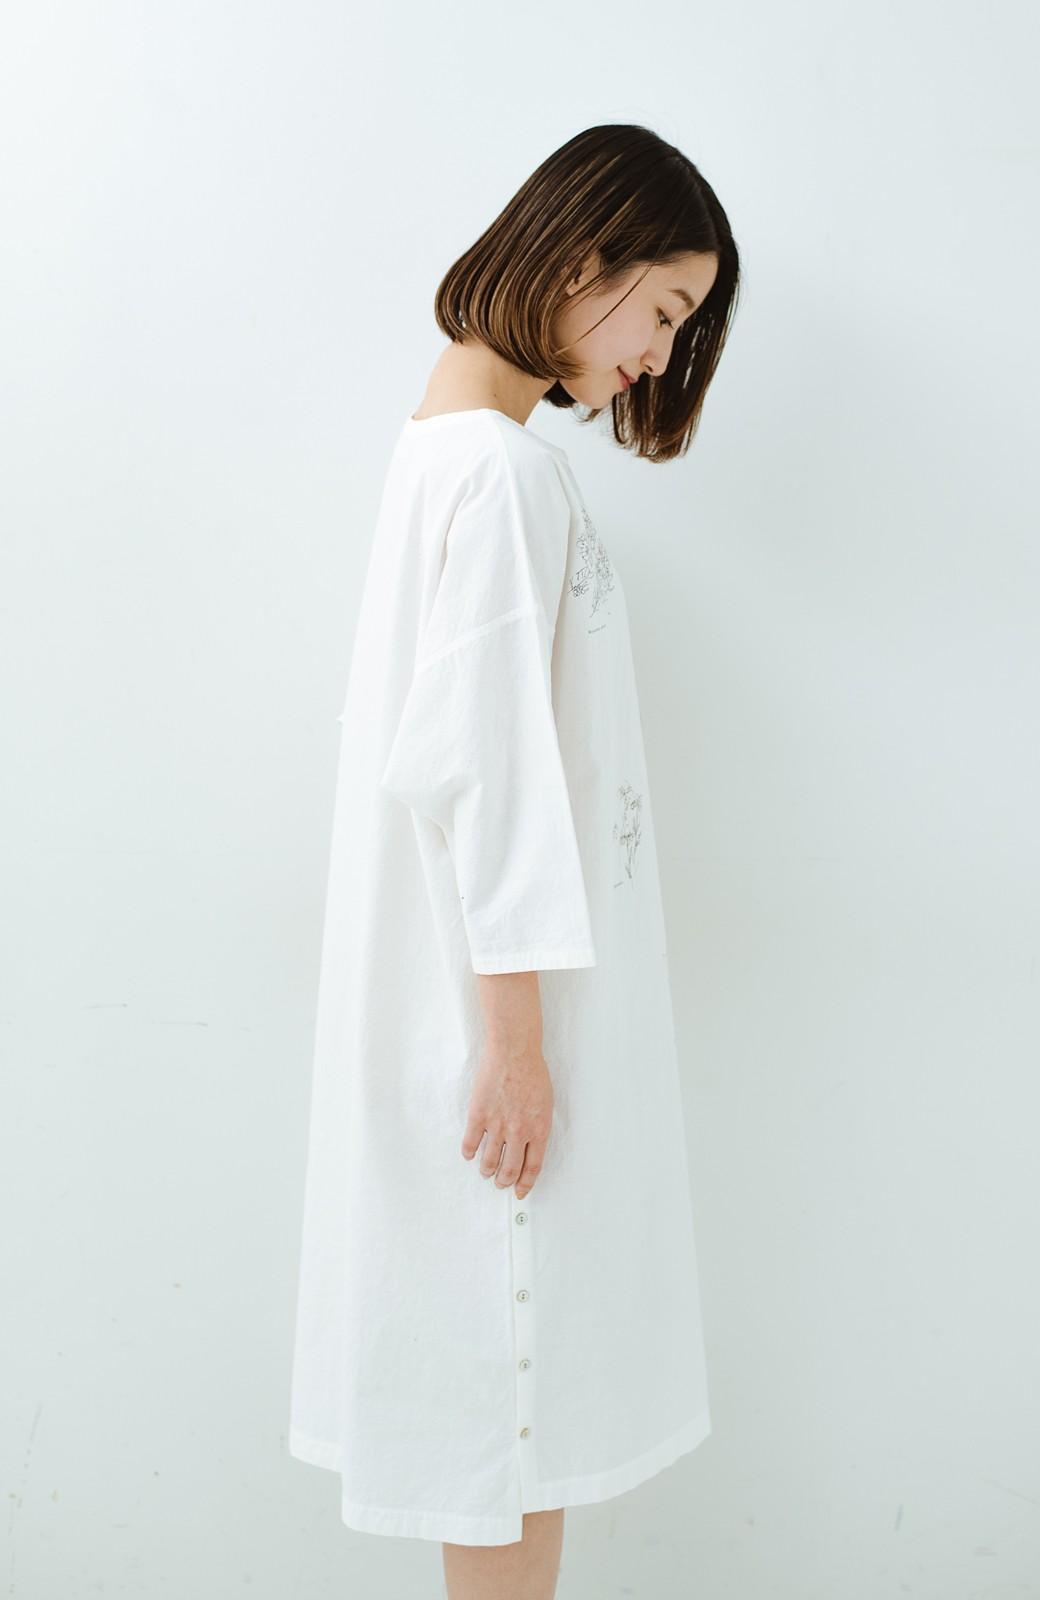 haco! てとひとて Miho Umezawa ガーデンハーブドルマンチュニック <オフホワイト>の商品写真17